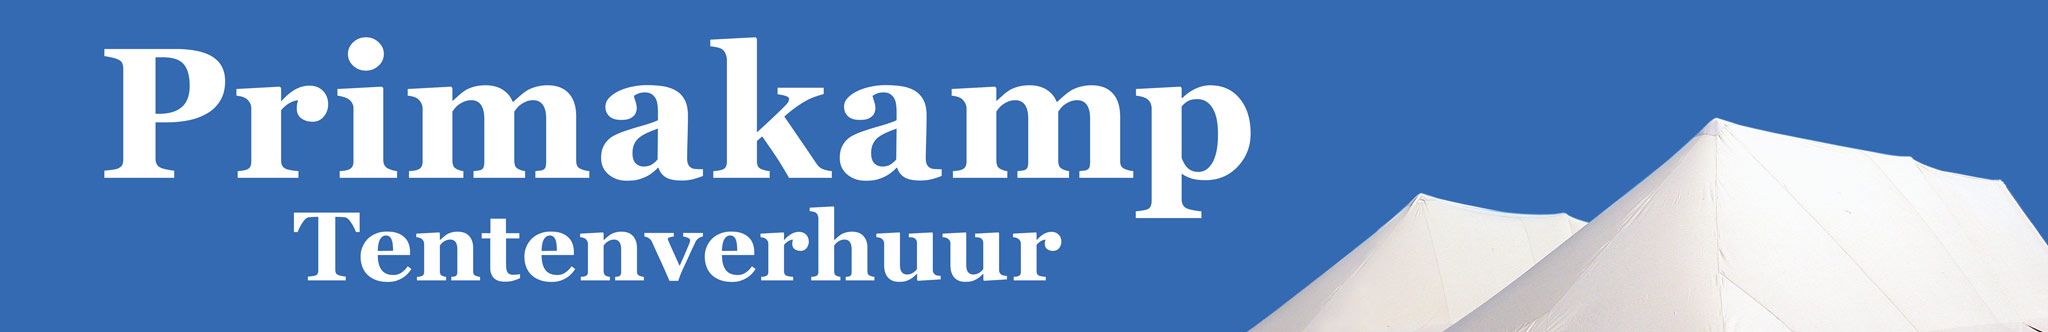 logo: Primakamp Tentenverhuur